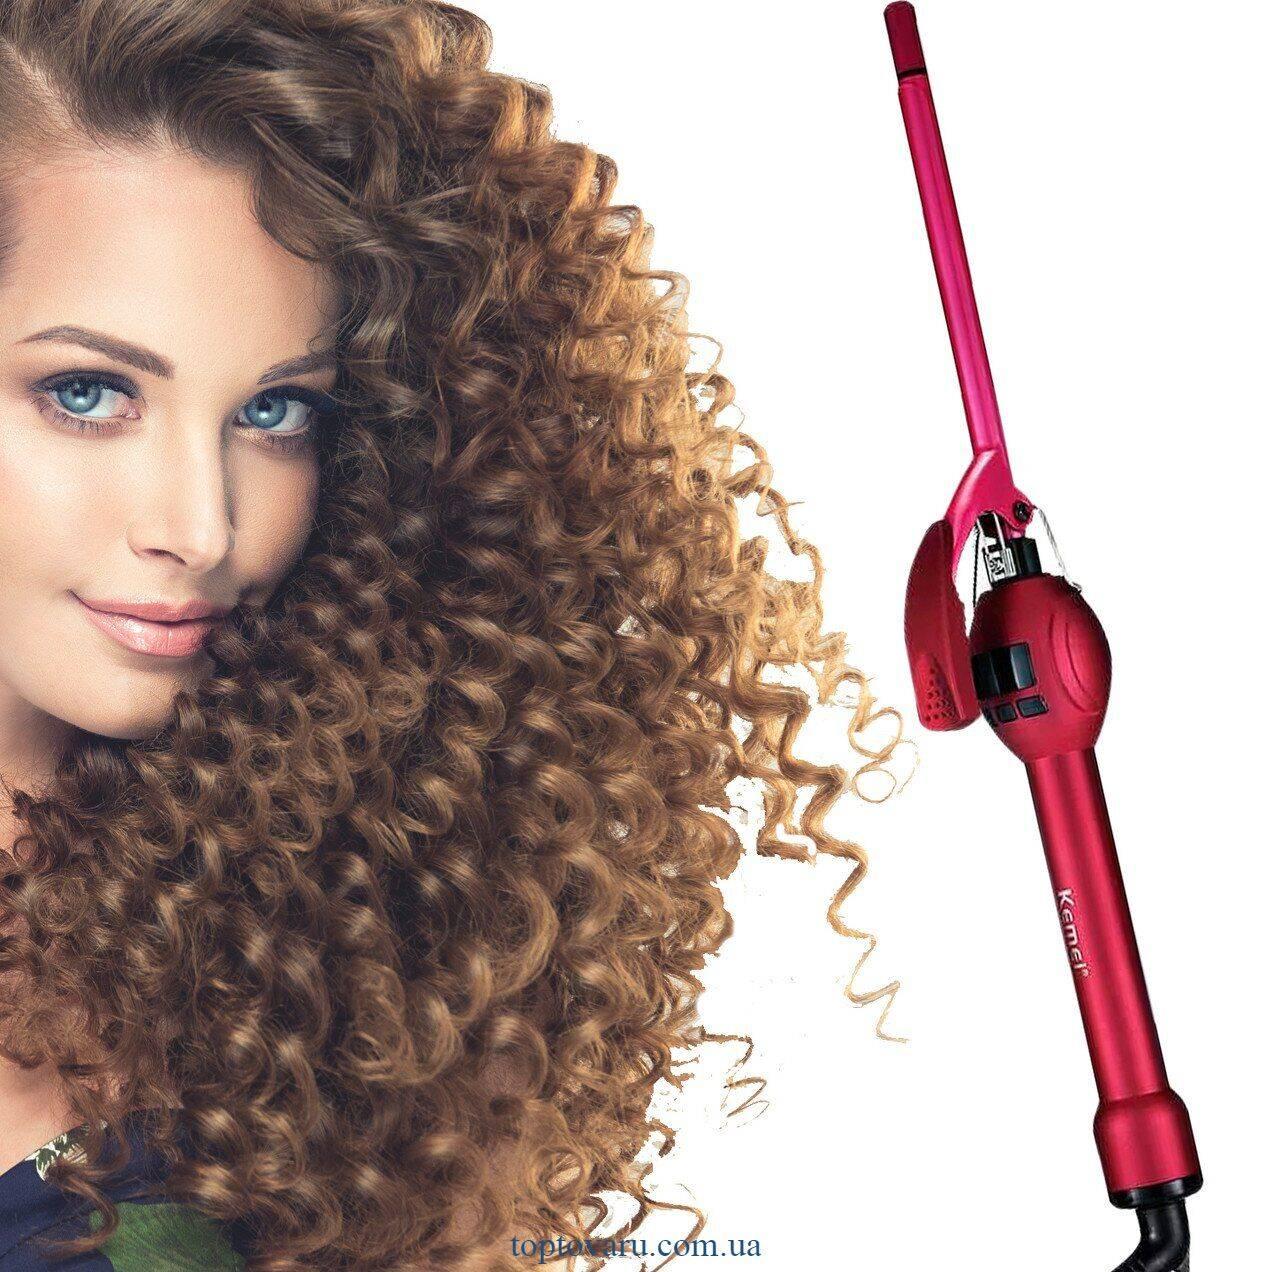 Автоматические щипцы-плойка для завивки волос – как накрутить локоны и кудри, рейтинг брендов, цена, отзывы